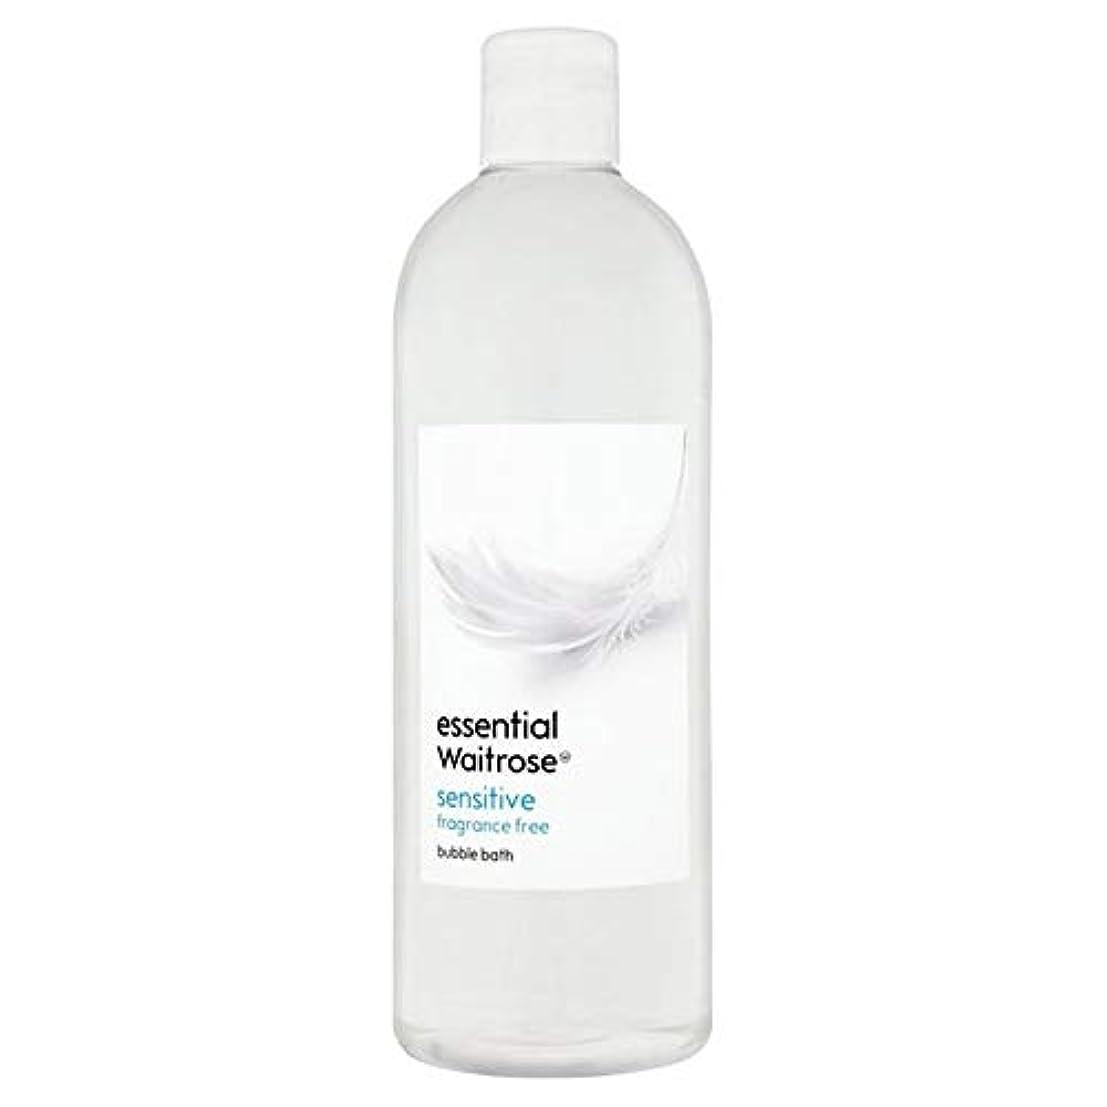 大宇宙副詞自分[Waitrose ] 基本的なウェイトローズ泡風呂に敏感な750ミリリットル - Essential Waitrose Bubble Bath Sensitive 750ml [並行輸入品]